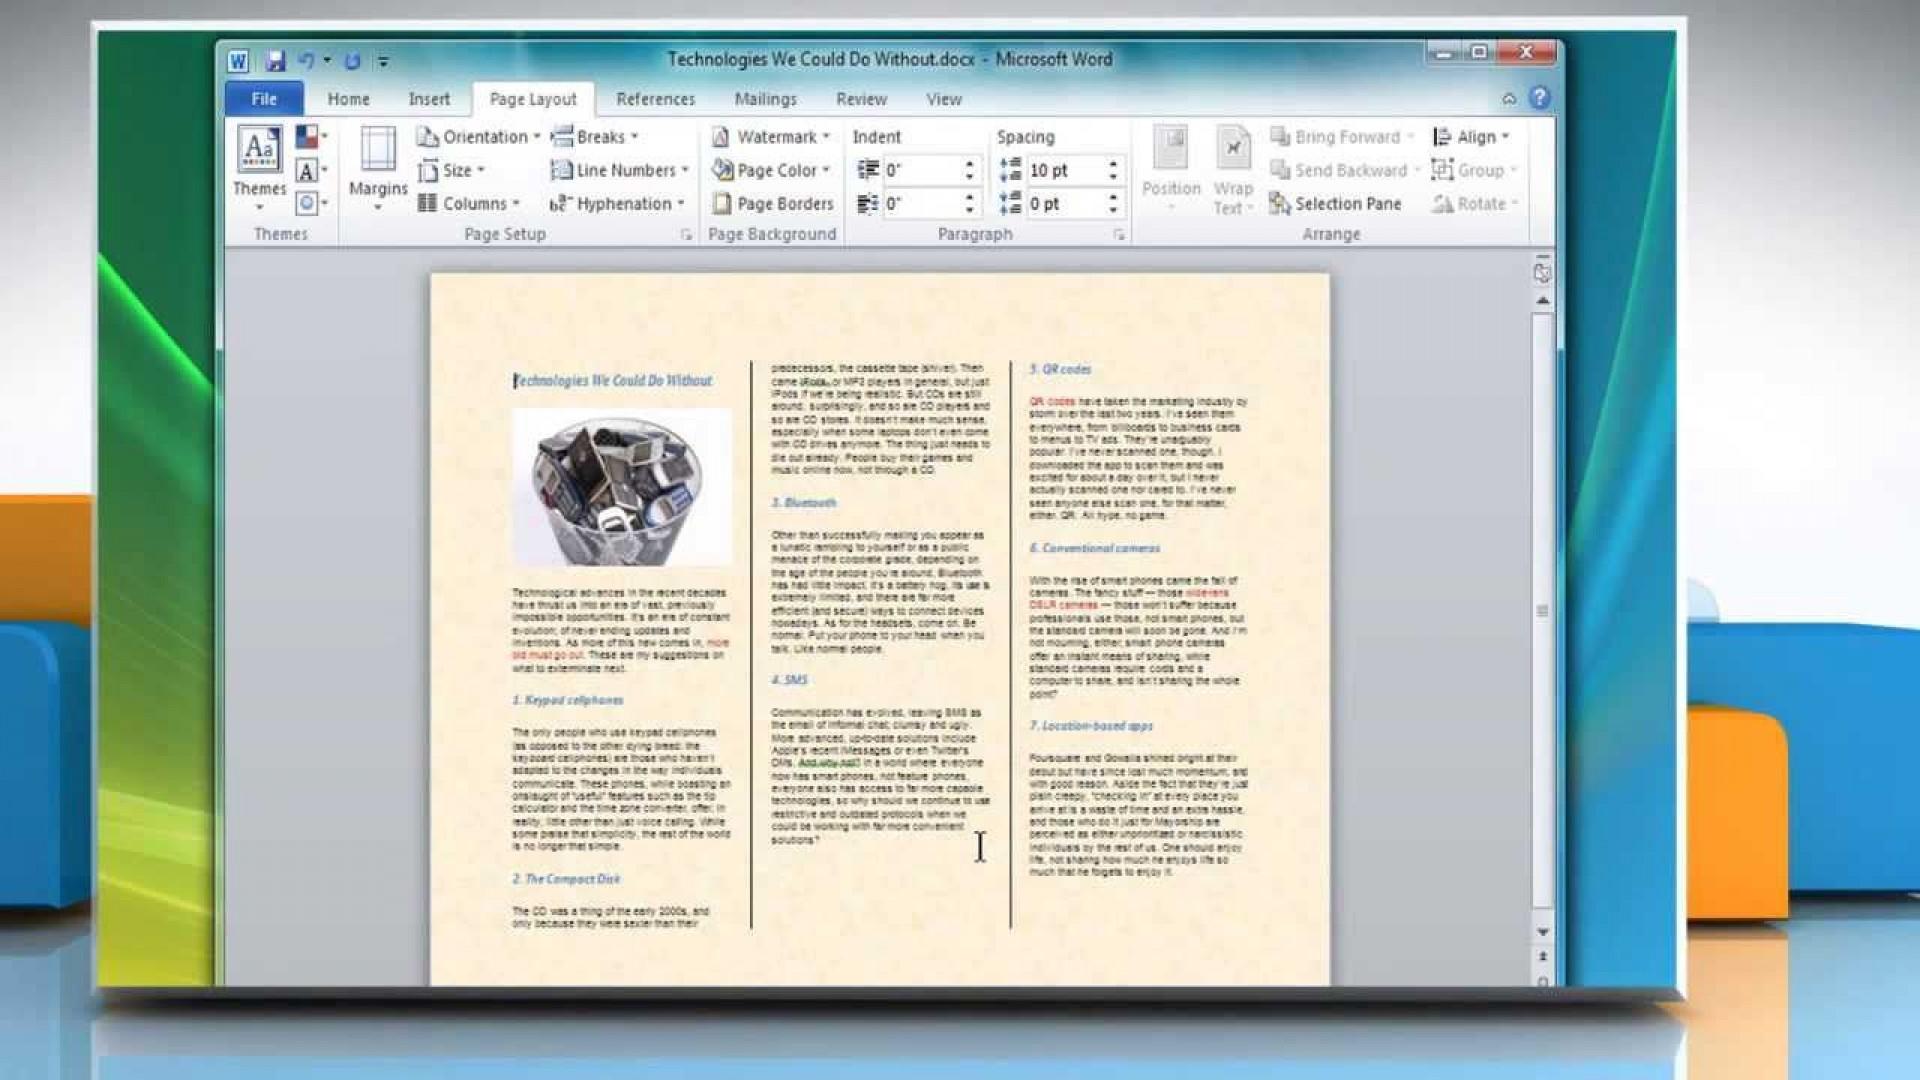 005 Unique Tri Fold Brochure Template Word Idea  2010 2007 Free1920